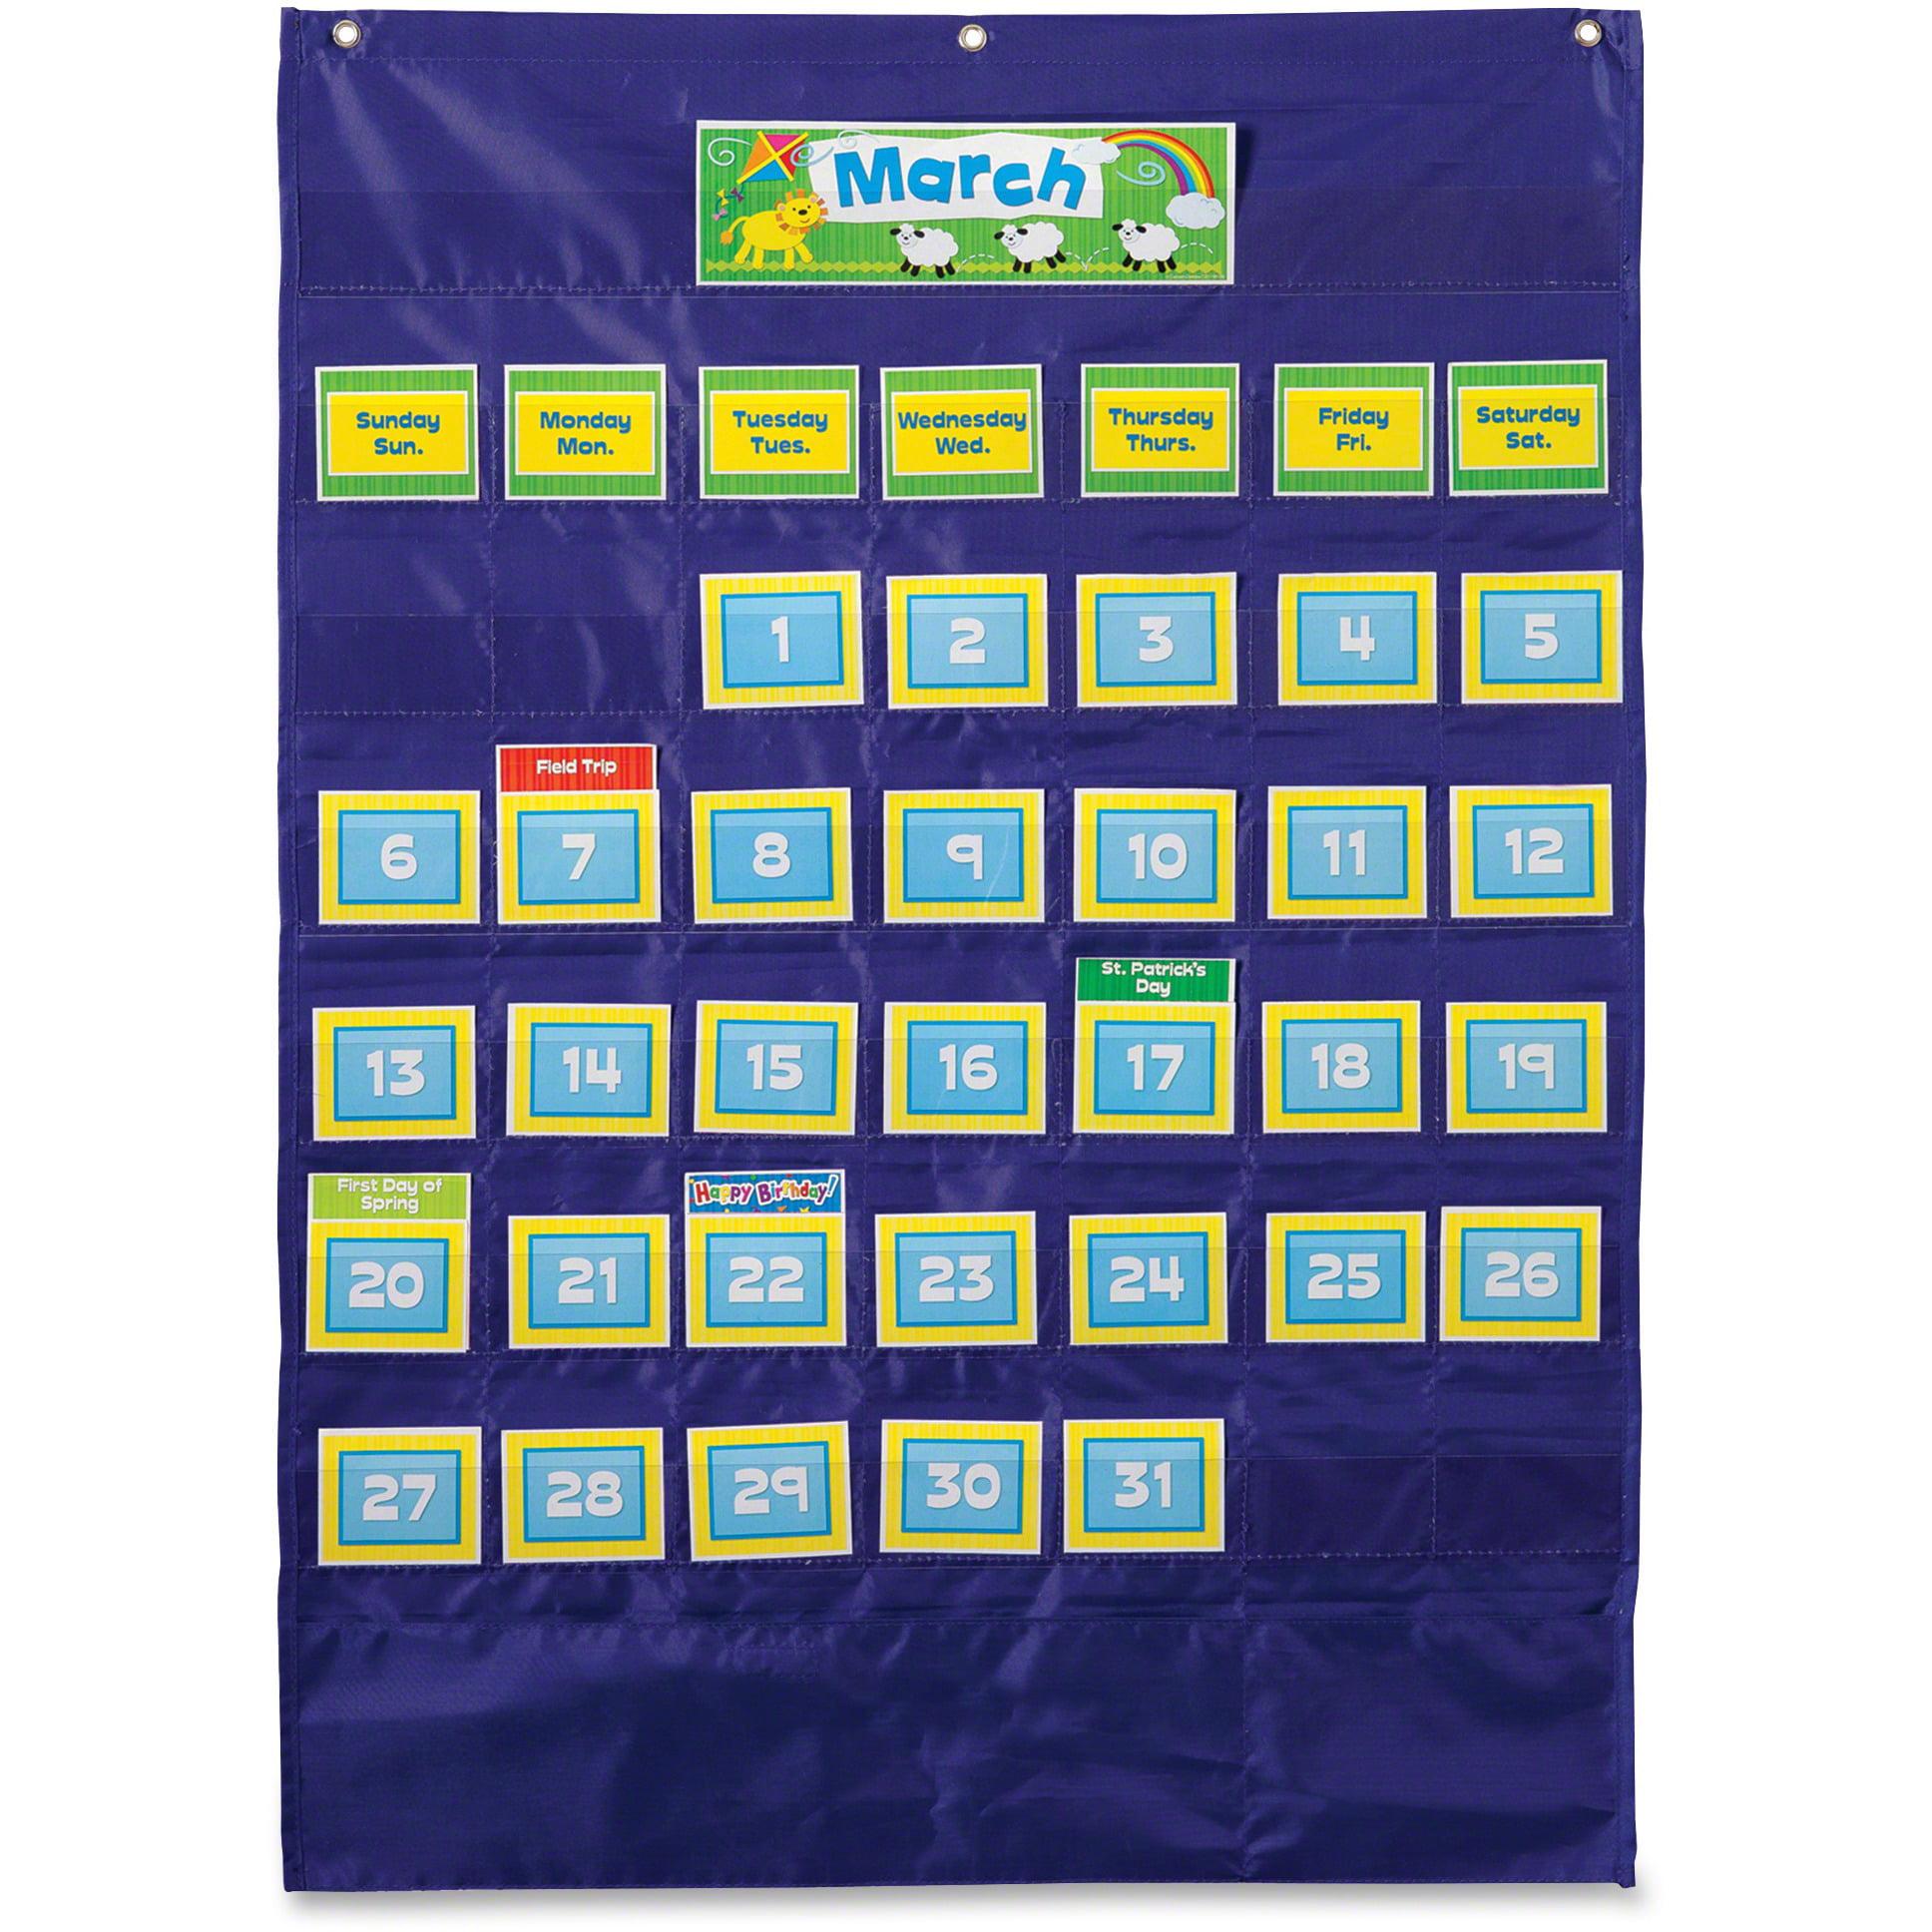 Carson-Dellosa Ages 4-11 Deluxe Calendar Pocket Chart by Carson-Dellosa Publishing Co., Inc